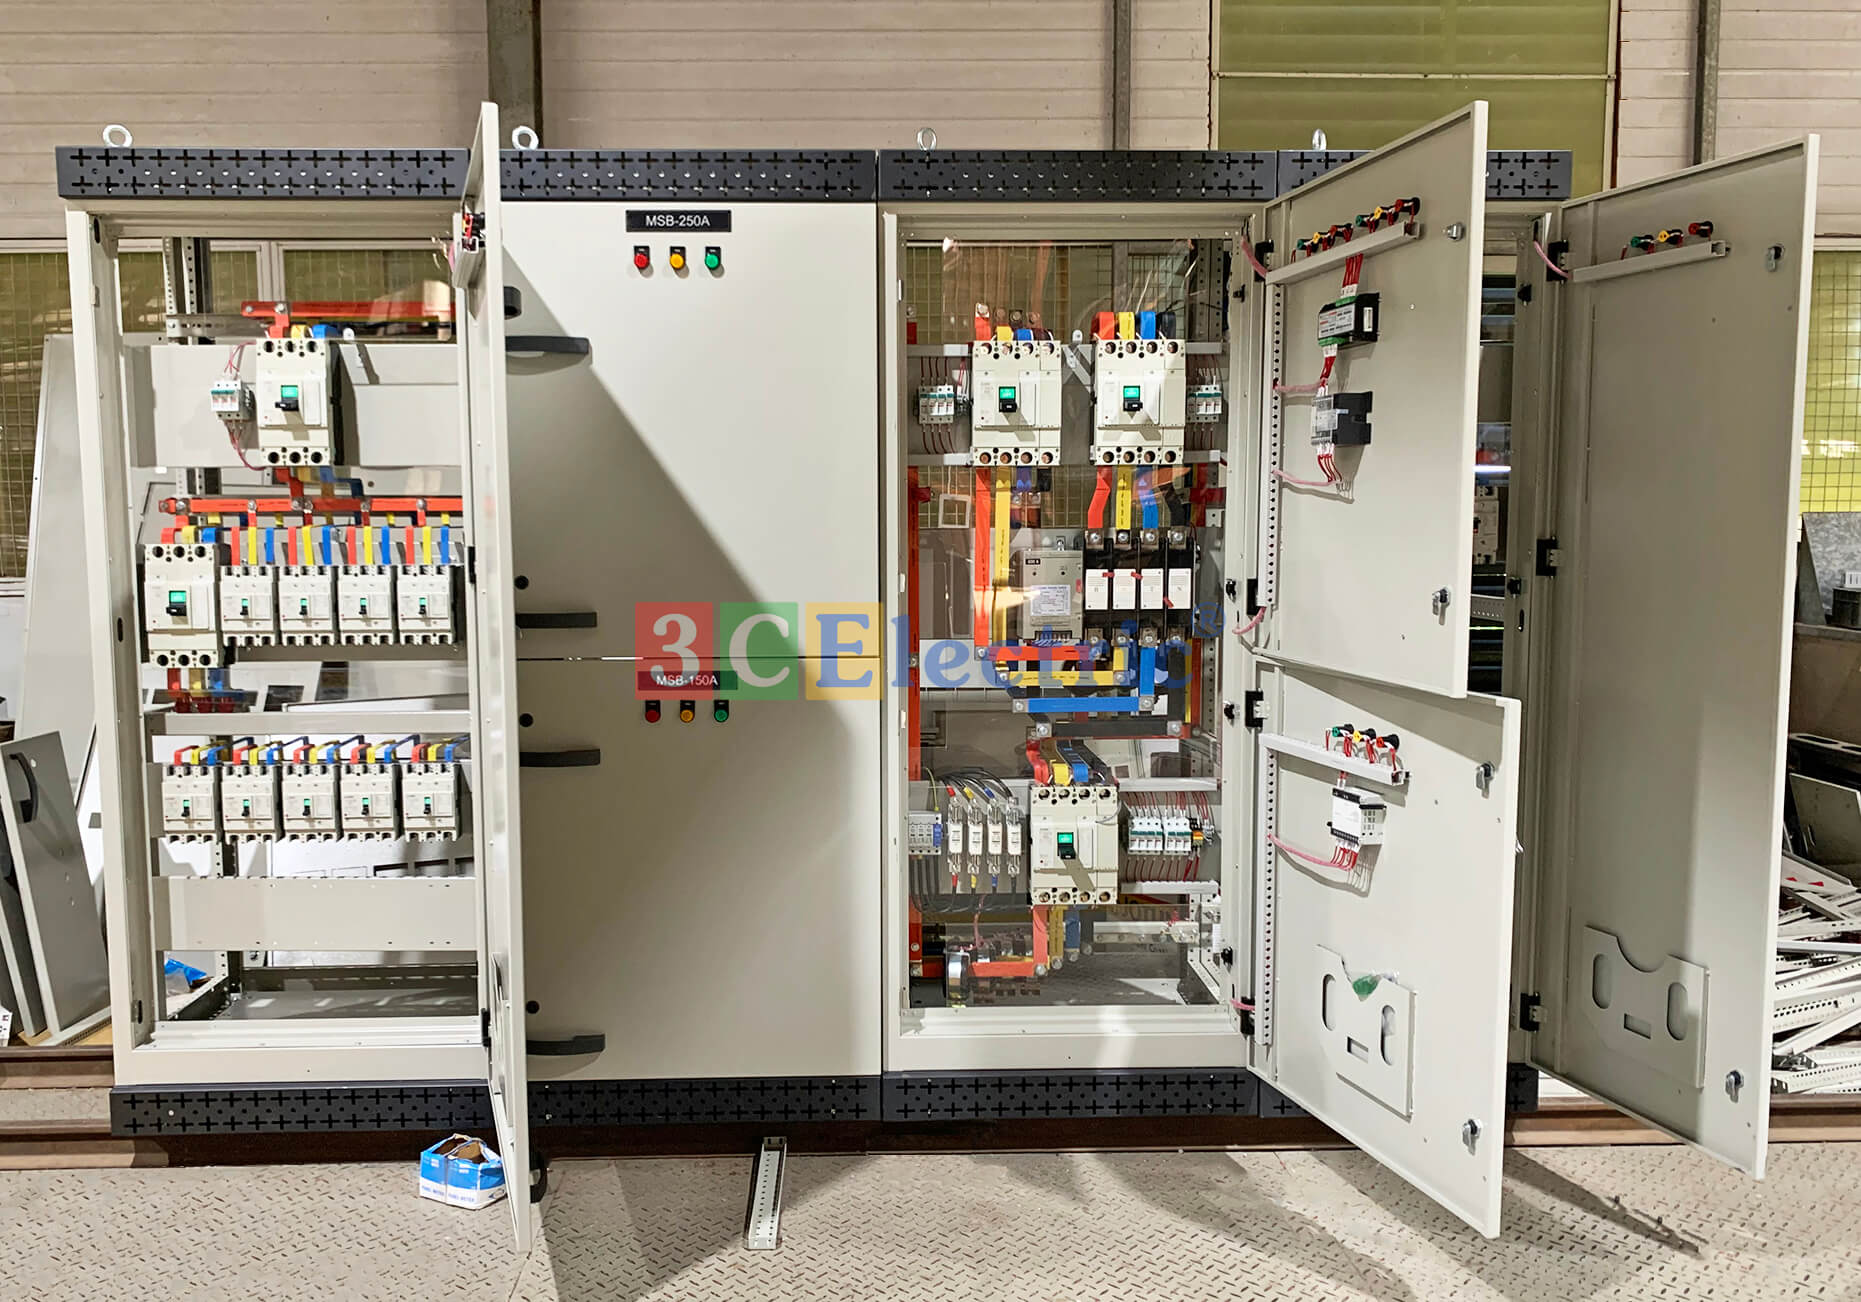 Dàn tủ điện điều khiển 3CElectric sản xuất